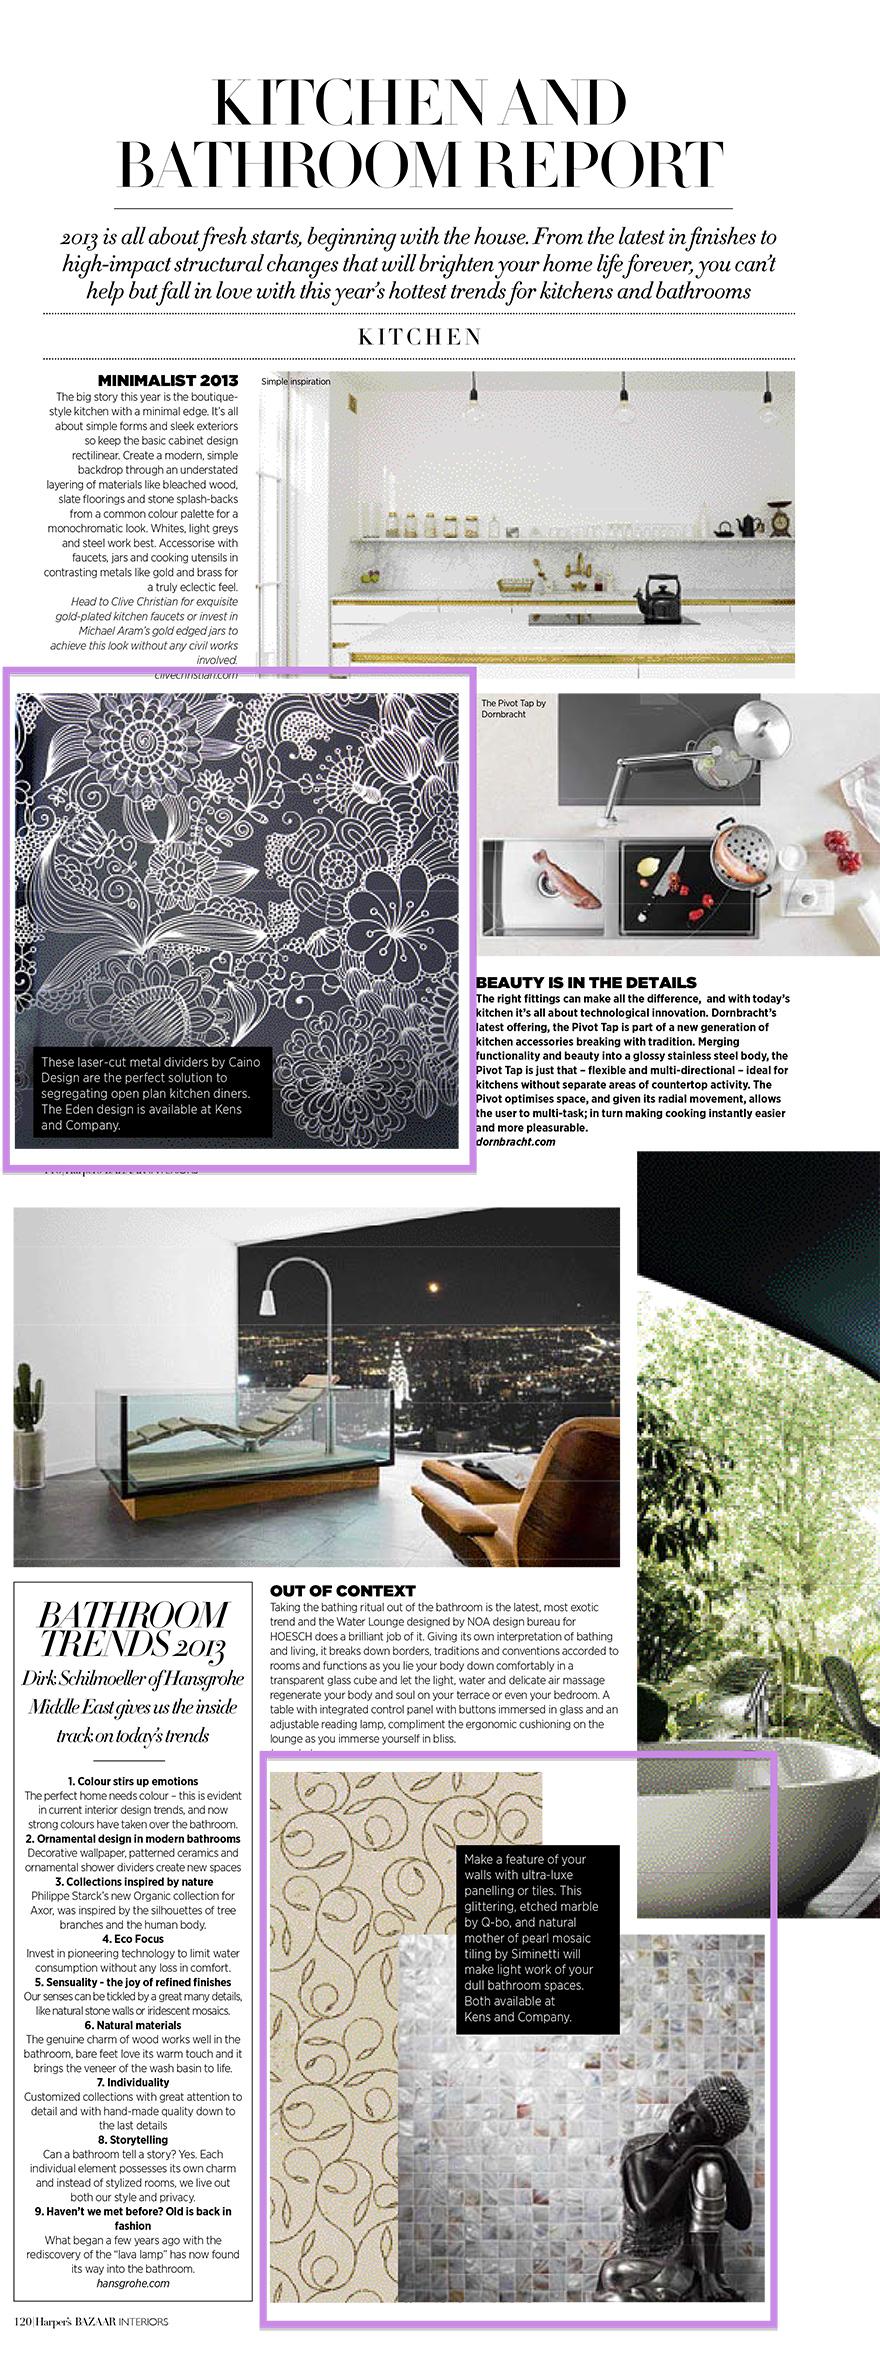 Harpers-Bazaar-MarchApril-13.jpg